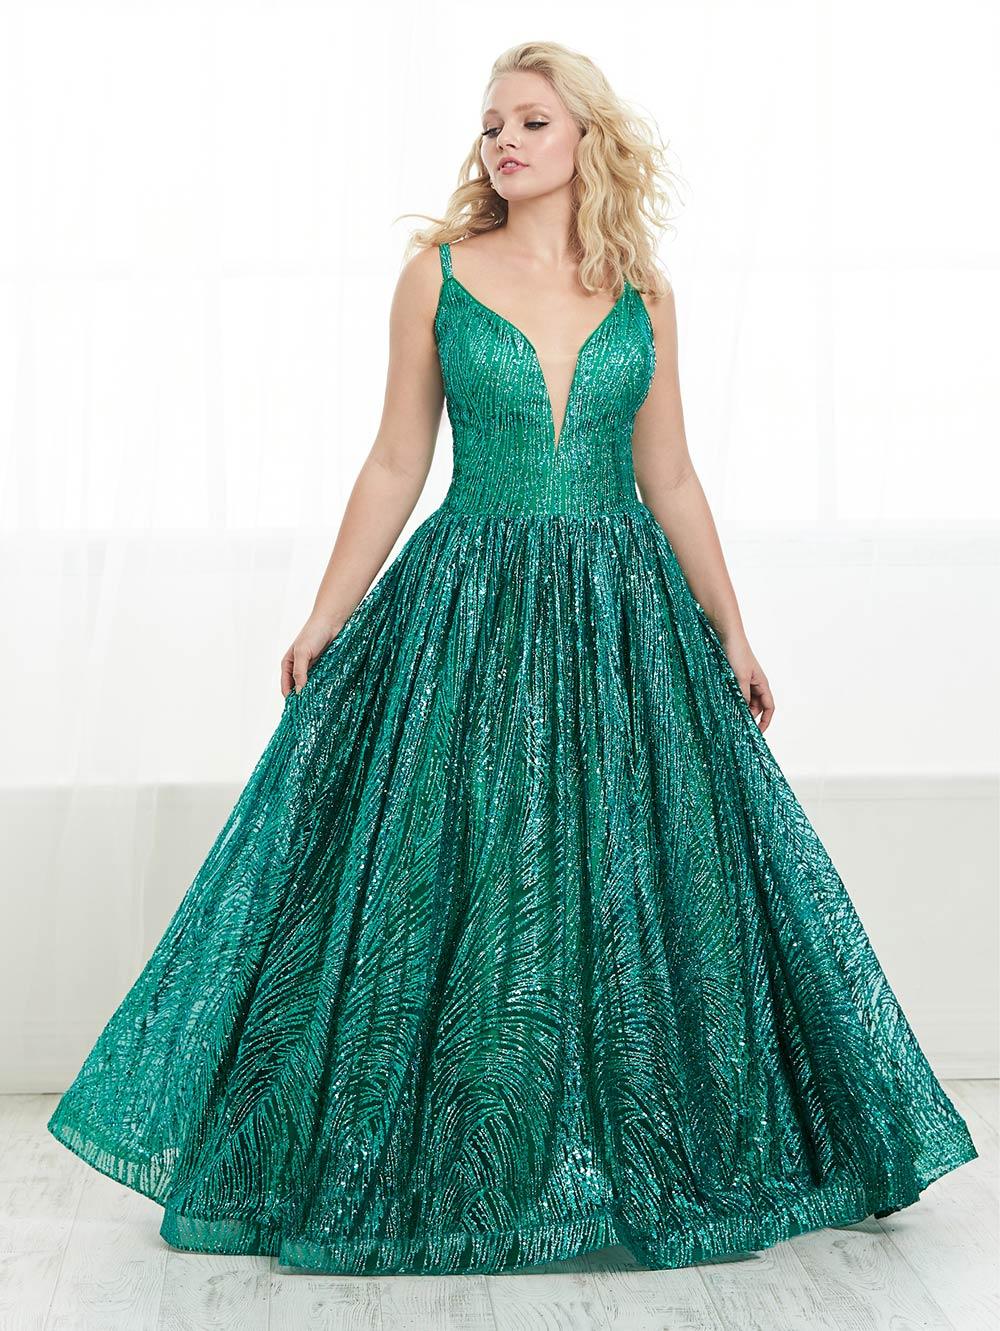 prom-dresses-jacquelin-bridals-canada-27691